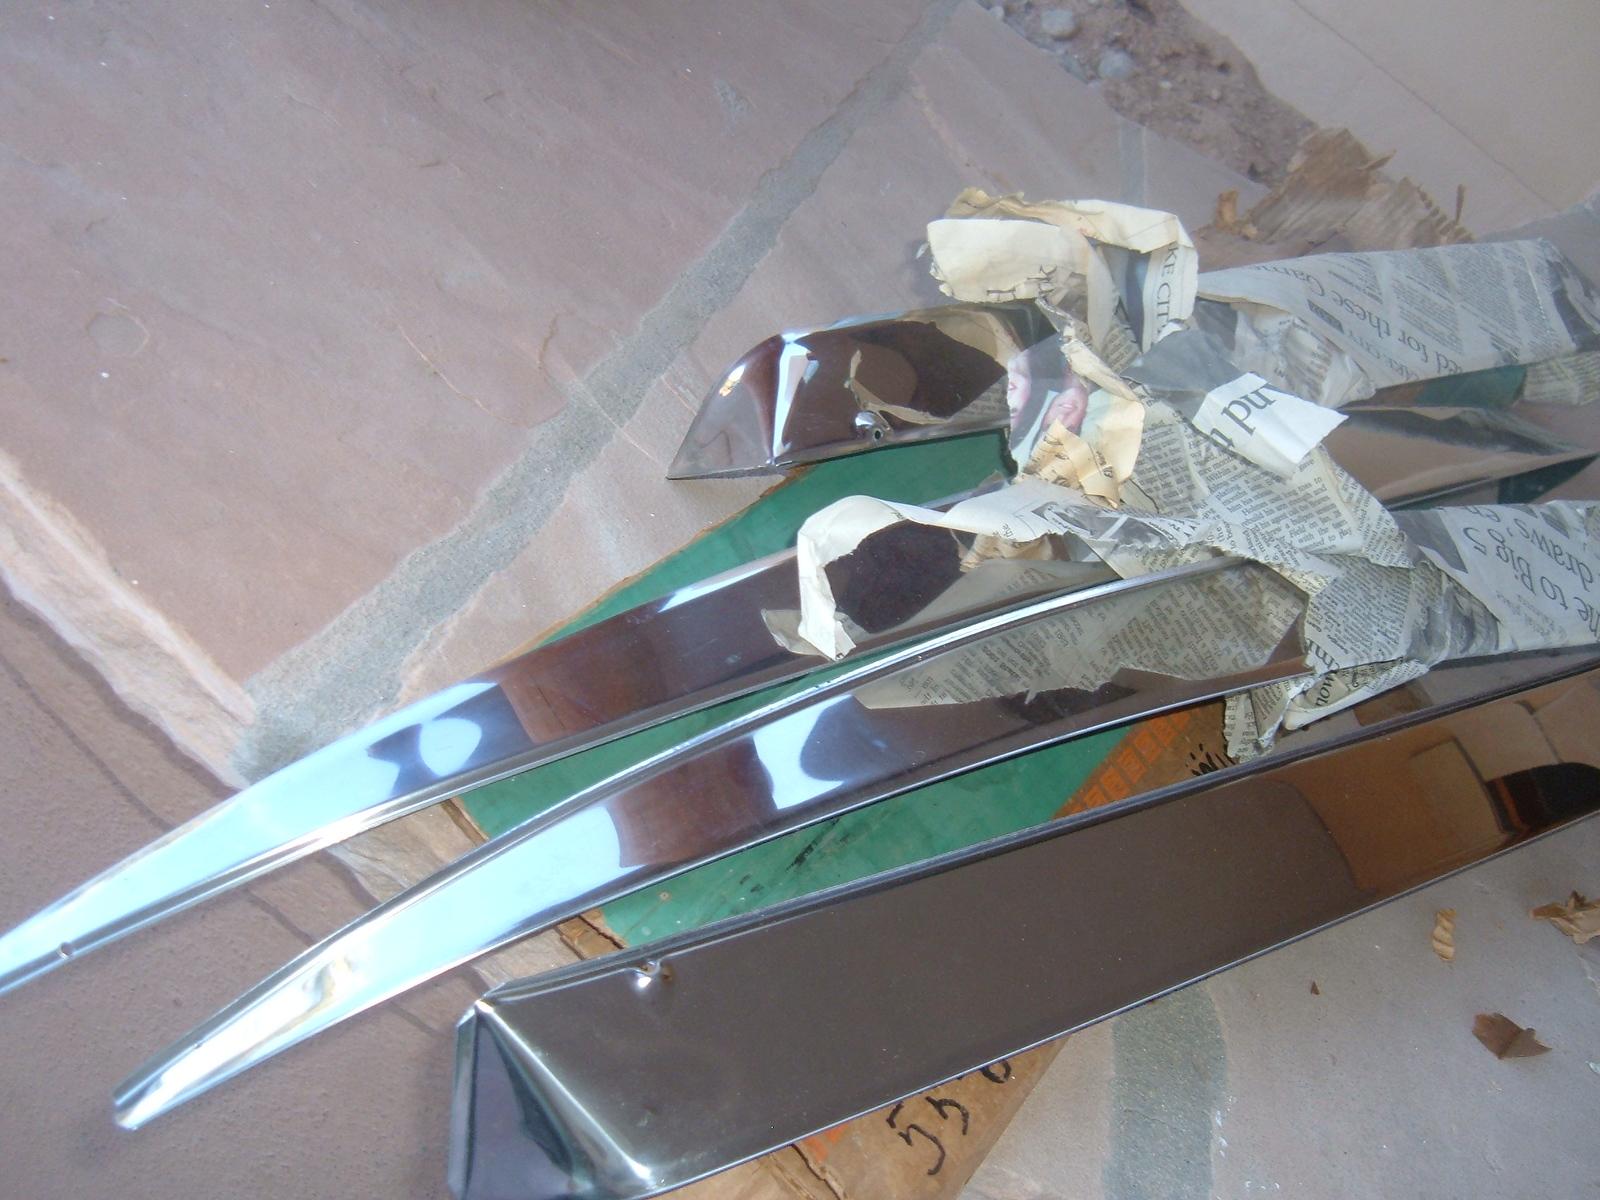 1959 60 chevrolet impala .belair window vent shade set accessory nos gm # 987929 (z 987929)